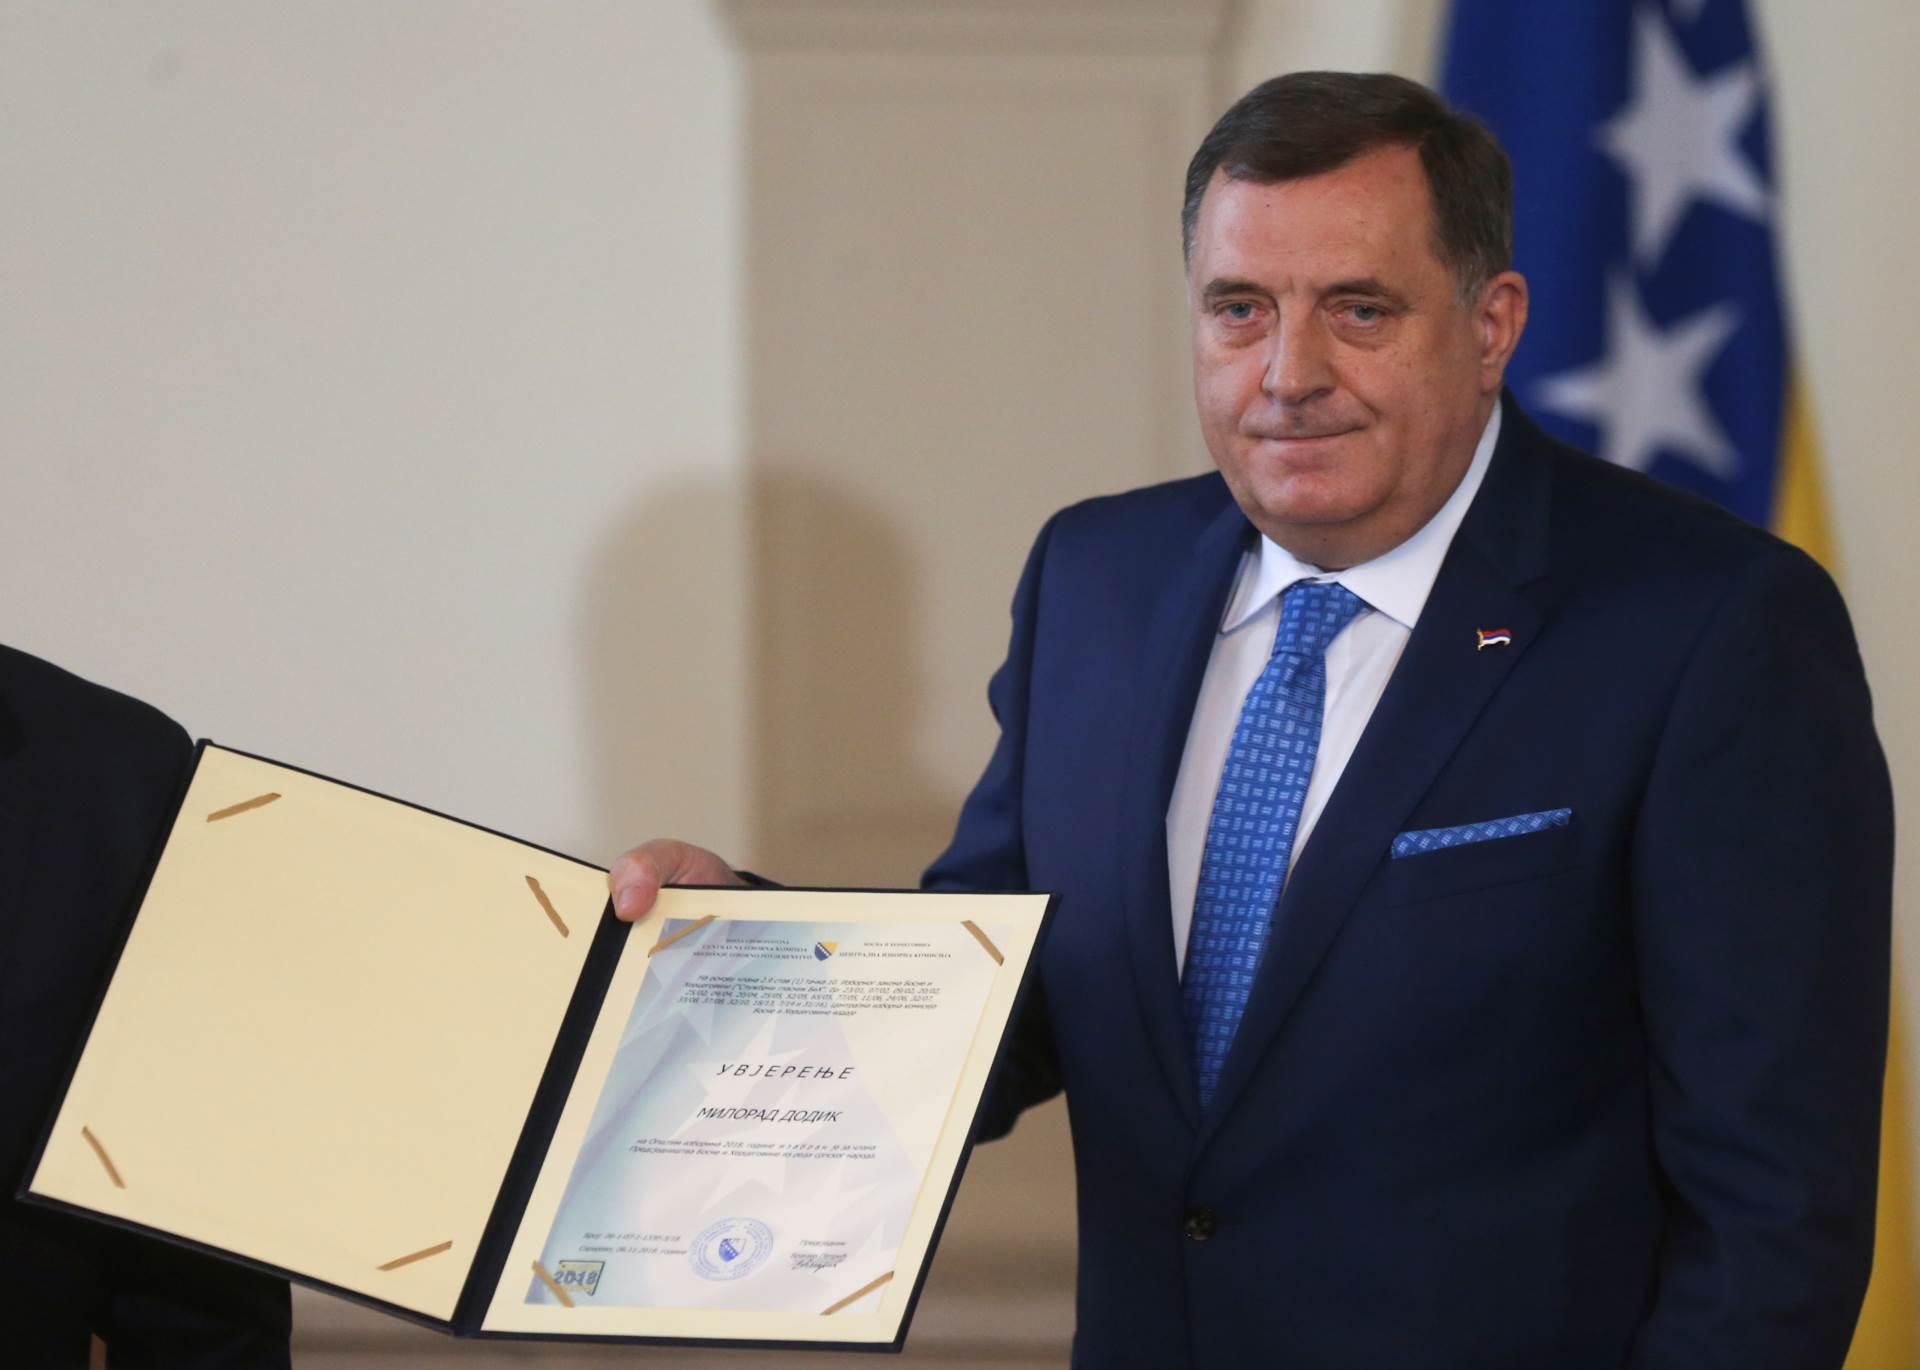 Dodik: Bošnjaci moraju da znaju da BiH nije njihova, a RS je isključivo naša